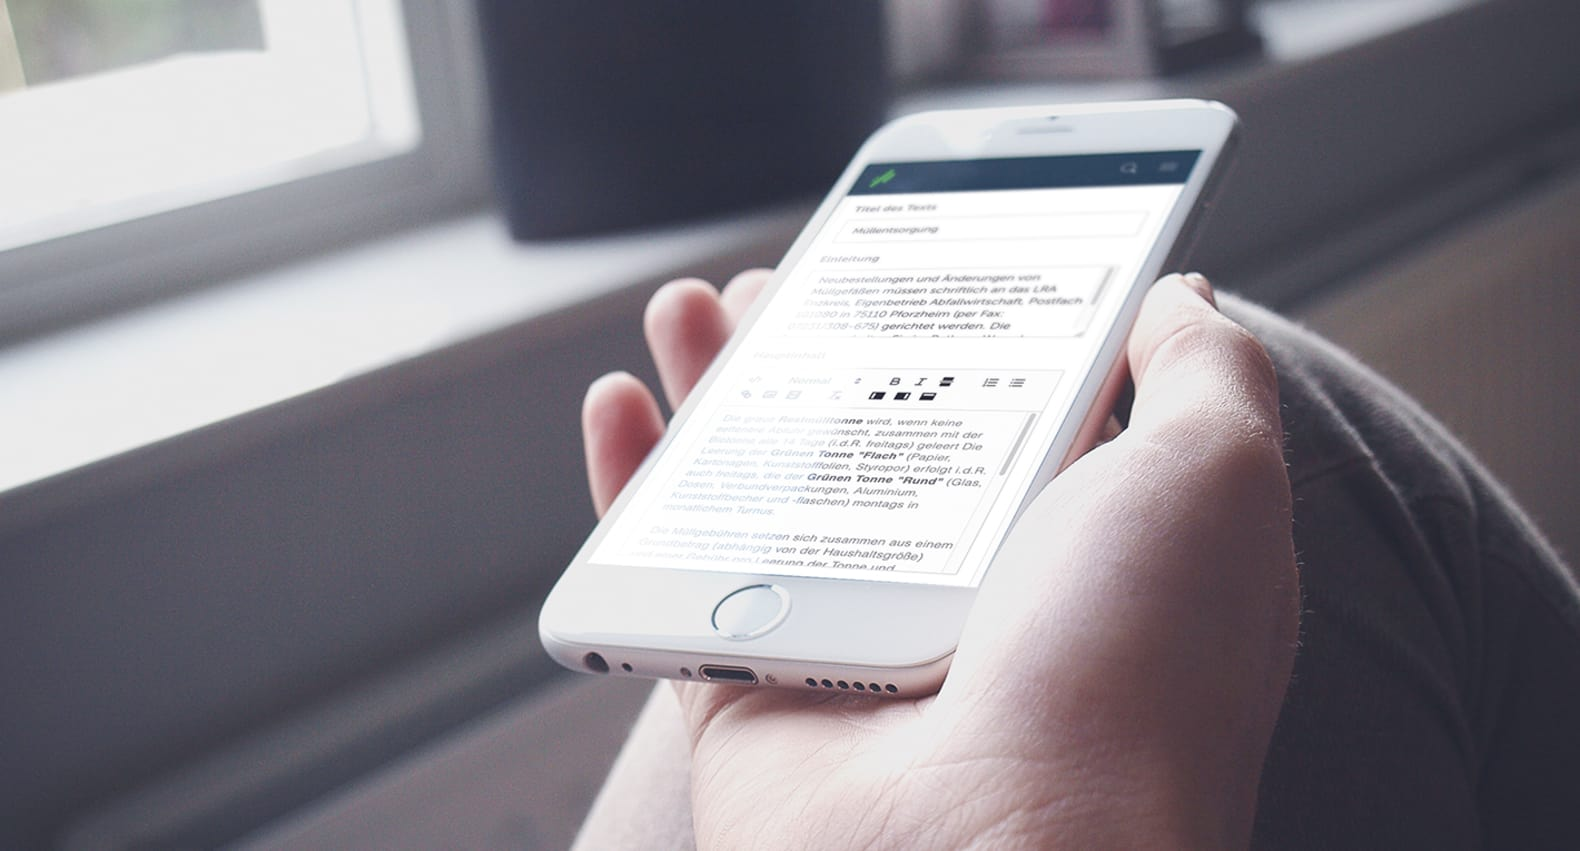 iPhone mit geöffnetem Kommunen-CMS – Websitepflege für Städte & Gemeinden leicht gemacht | web://contact